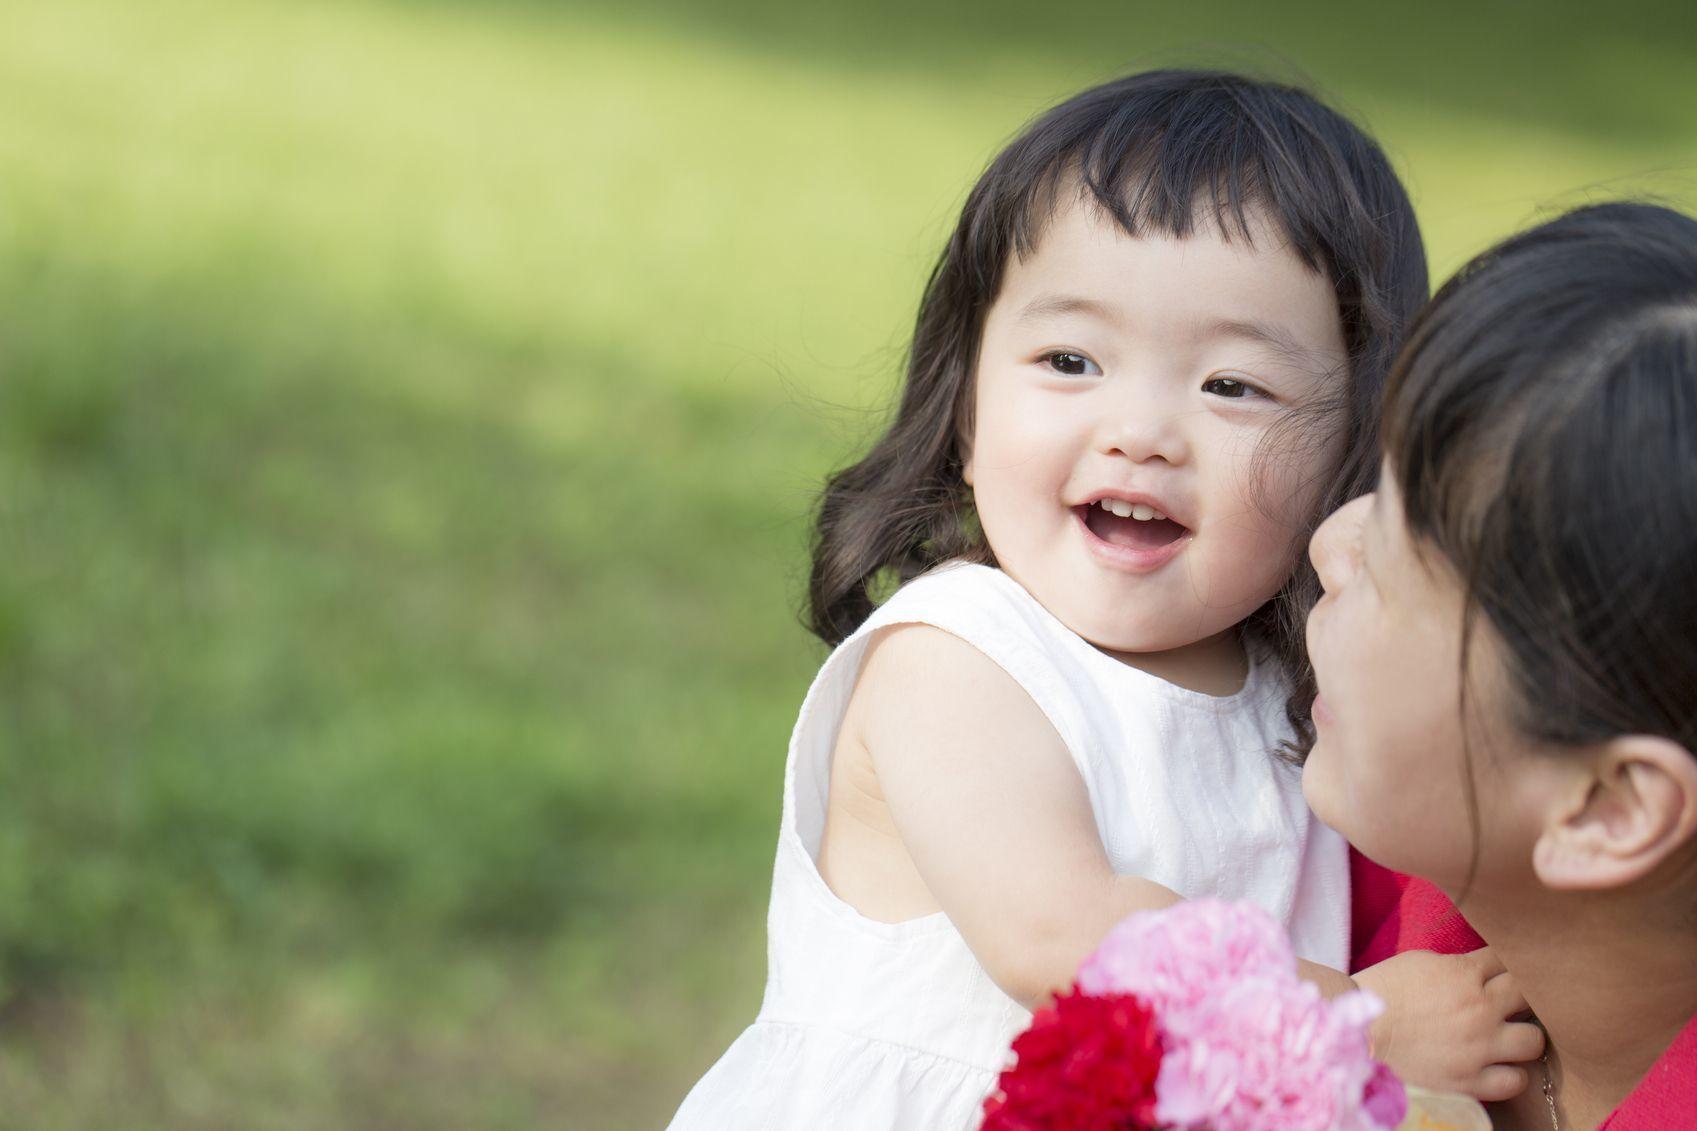 【妊娠と育毛剤】妊娠中・産後に使える!おすすめの育毛剤ランキング7選